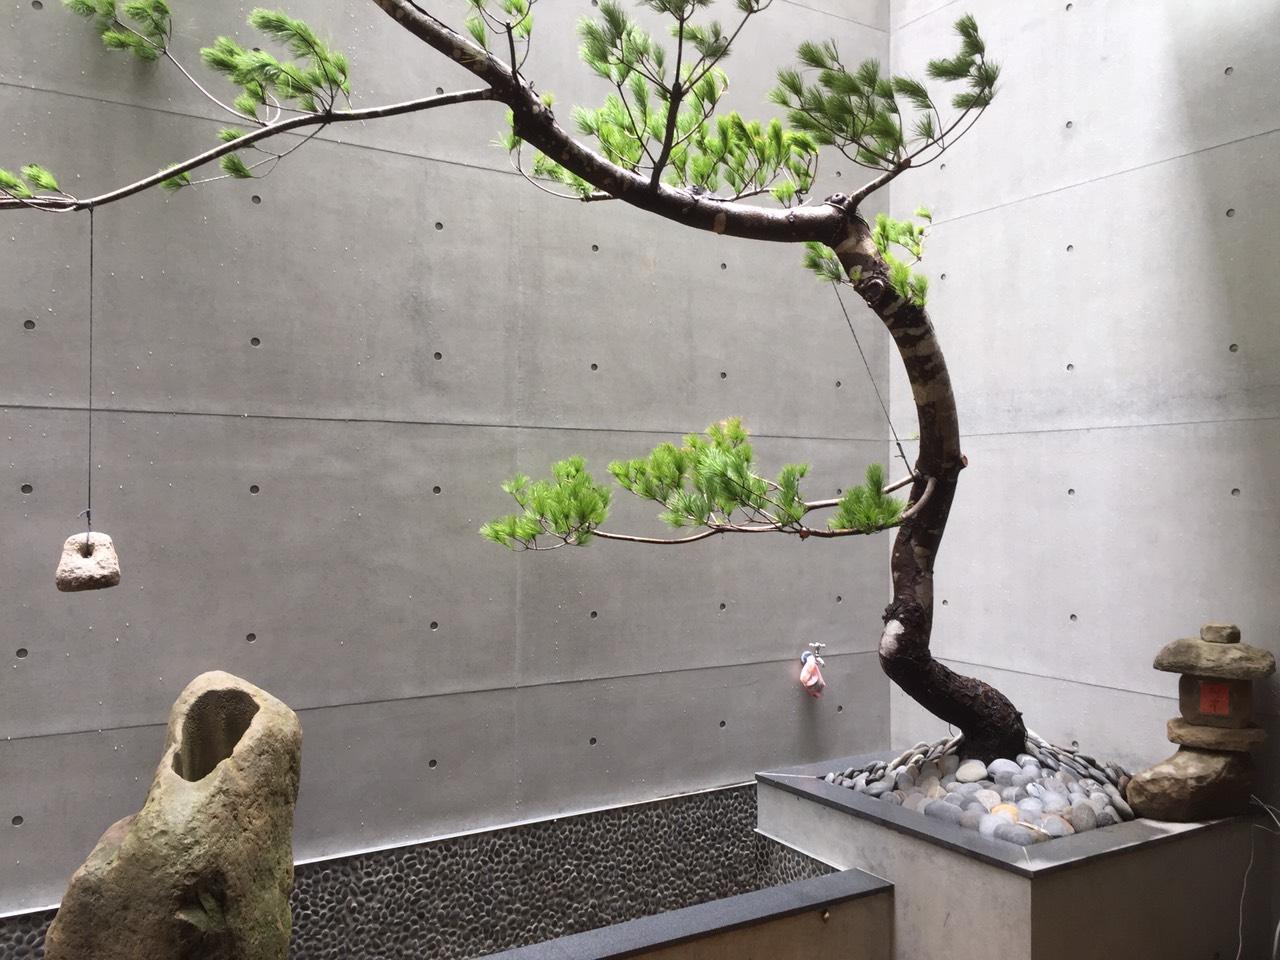 海泓建設: 「特別專訪」順乎自然的園藝家-章靈